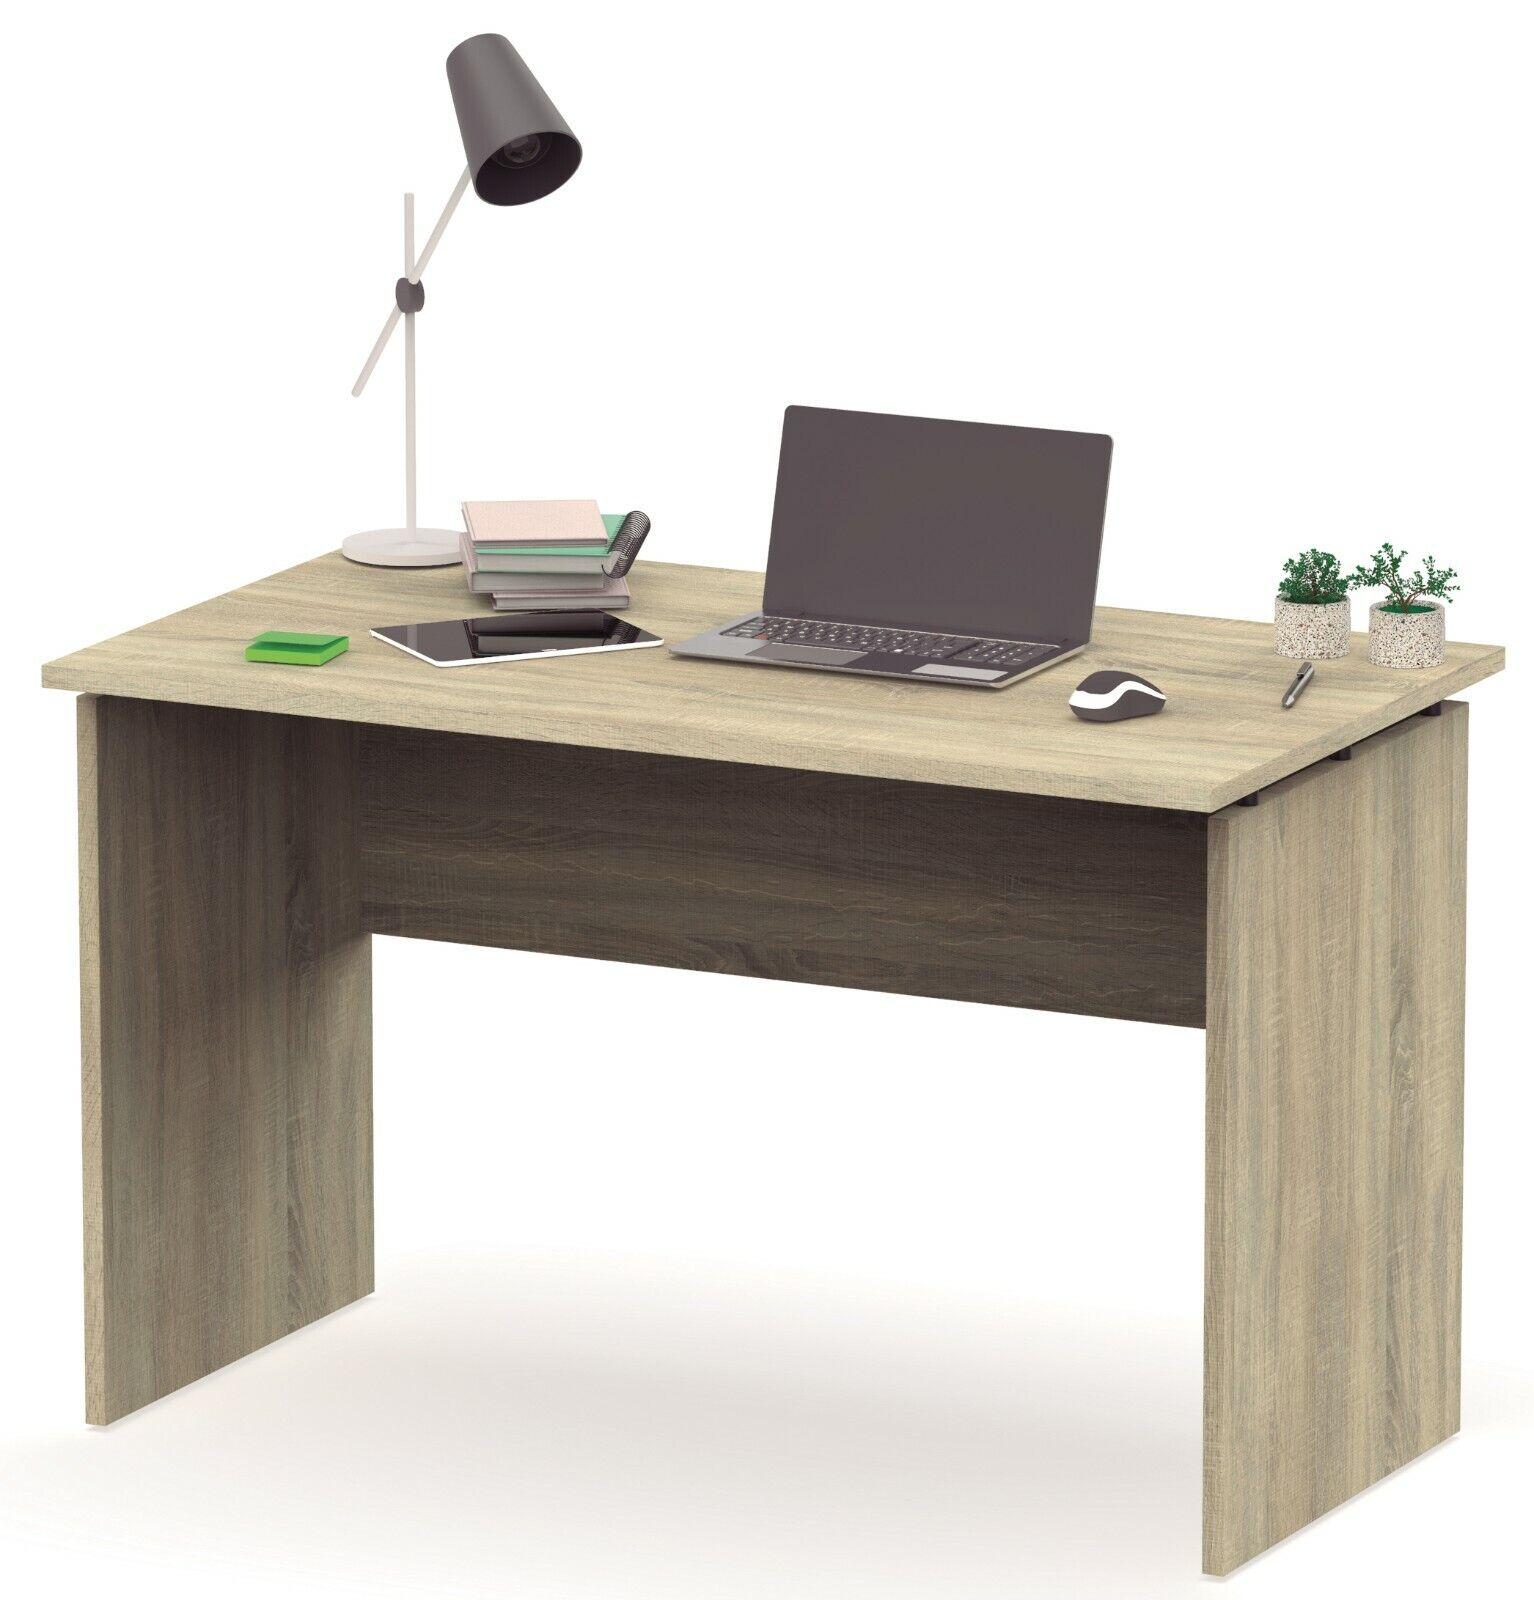 Escritorio mesa de ordenador color cambrian de despacho, oficina o estudio 120cm